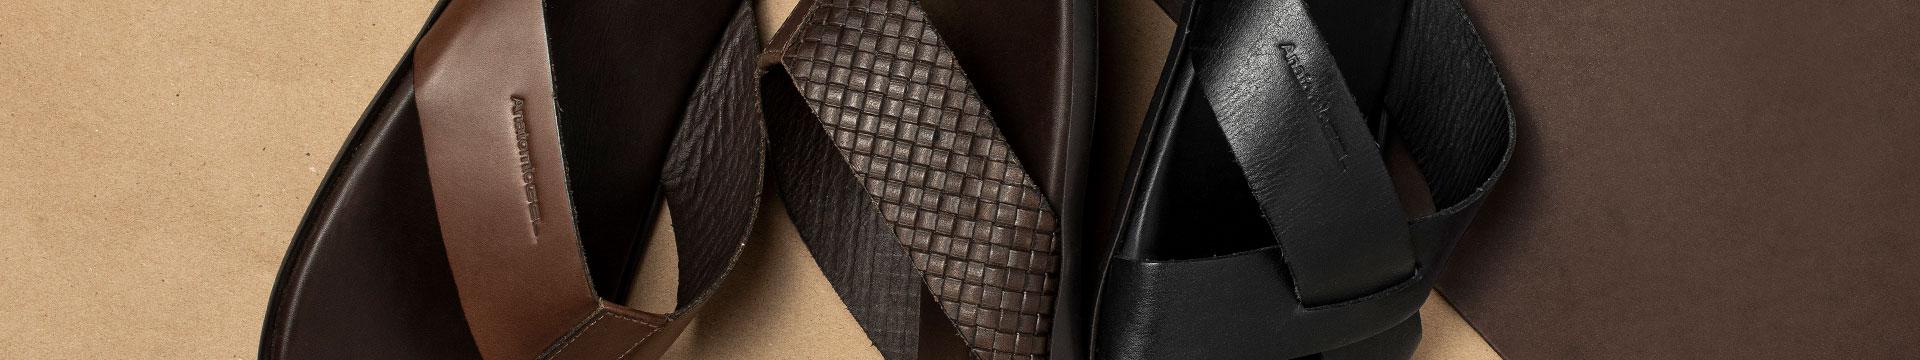 Calçados - Sandálias